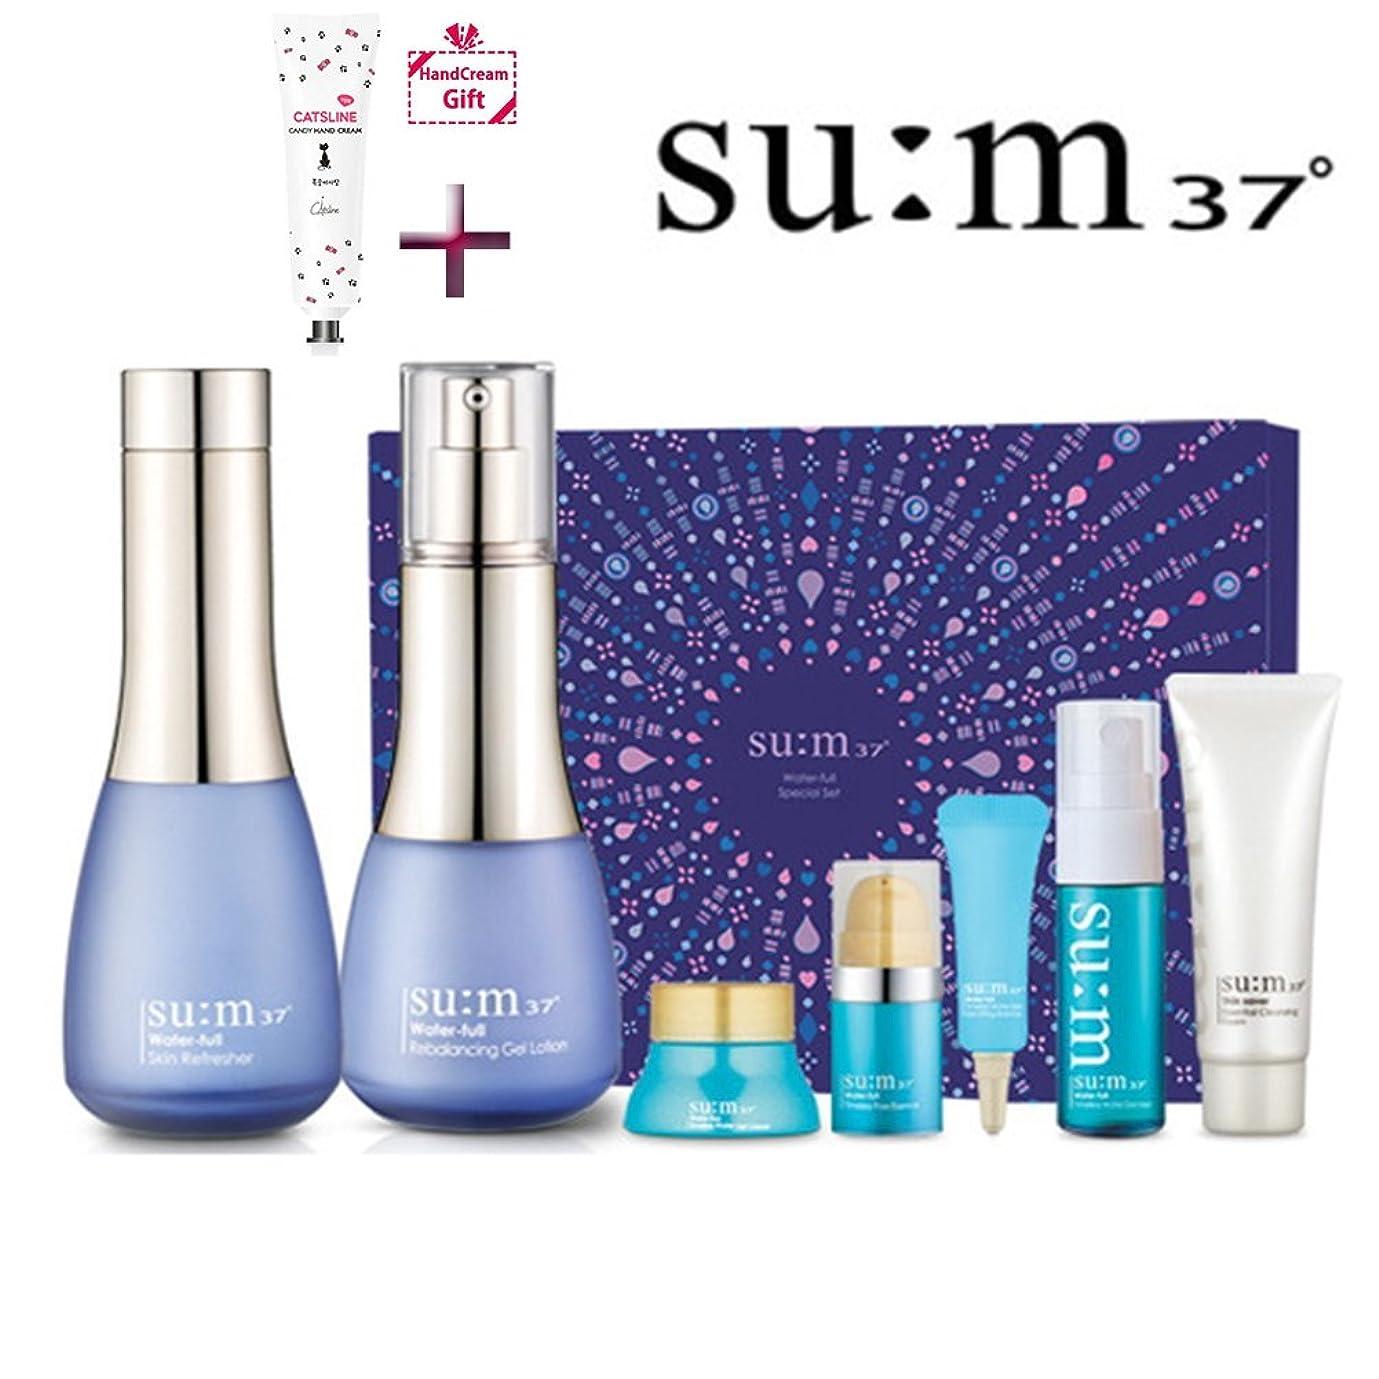 限られた不変生き残り[su:m37/スム37°] Sum37 Water full 2 Piece Special Set / SUM37 ?スム37 ウォーターフルスキン+ジェルローション 2種 +[Sample Gift](海外直送品)